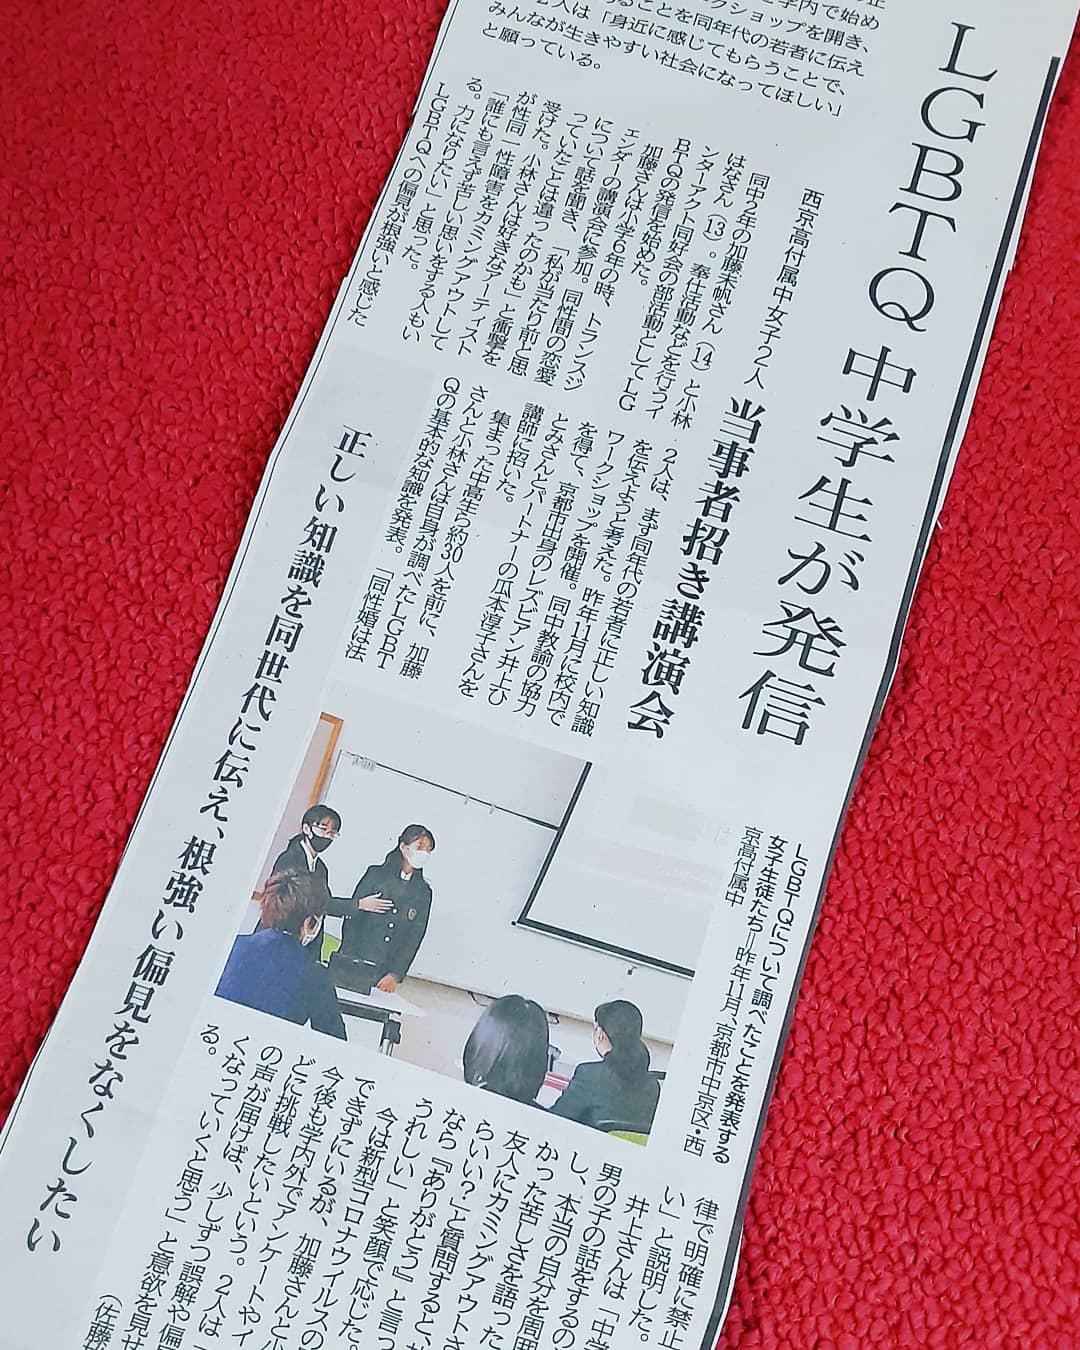 5/18付けの京都新聞夕刊の一面に京都の中学生が学校でLGBTQについて発信しました🌈との掲載記事がありました。